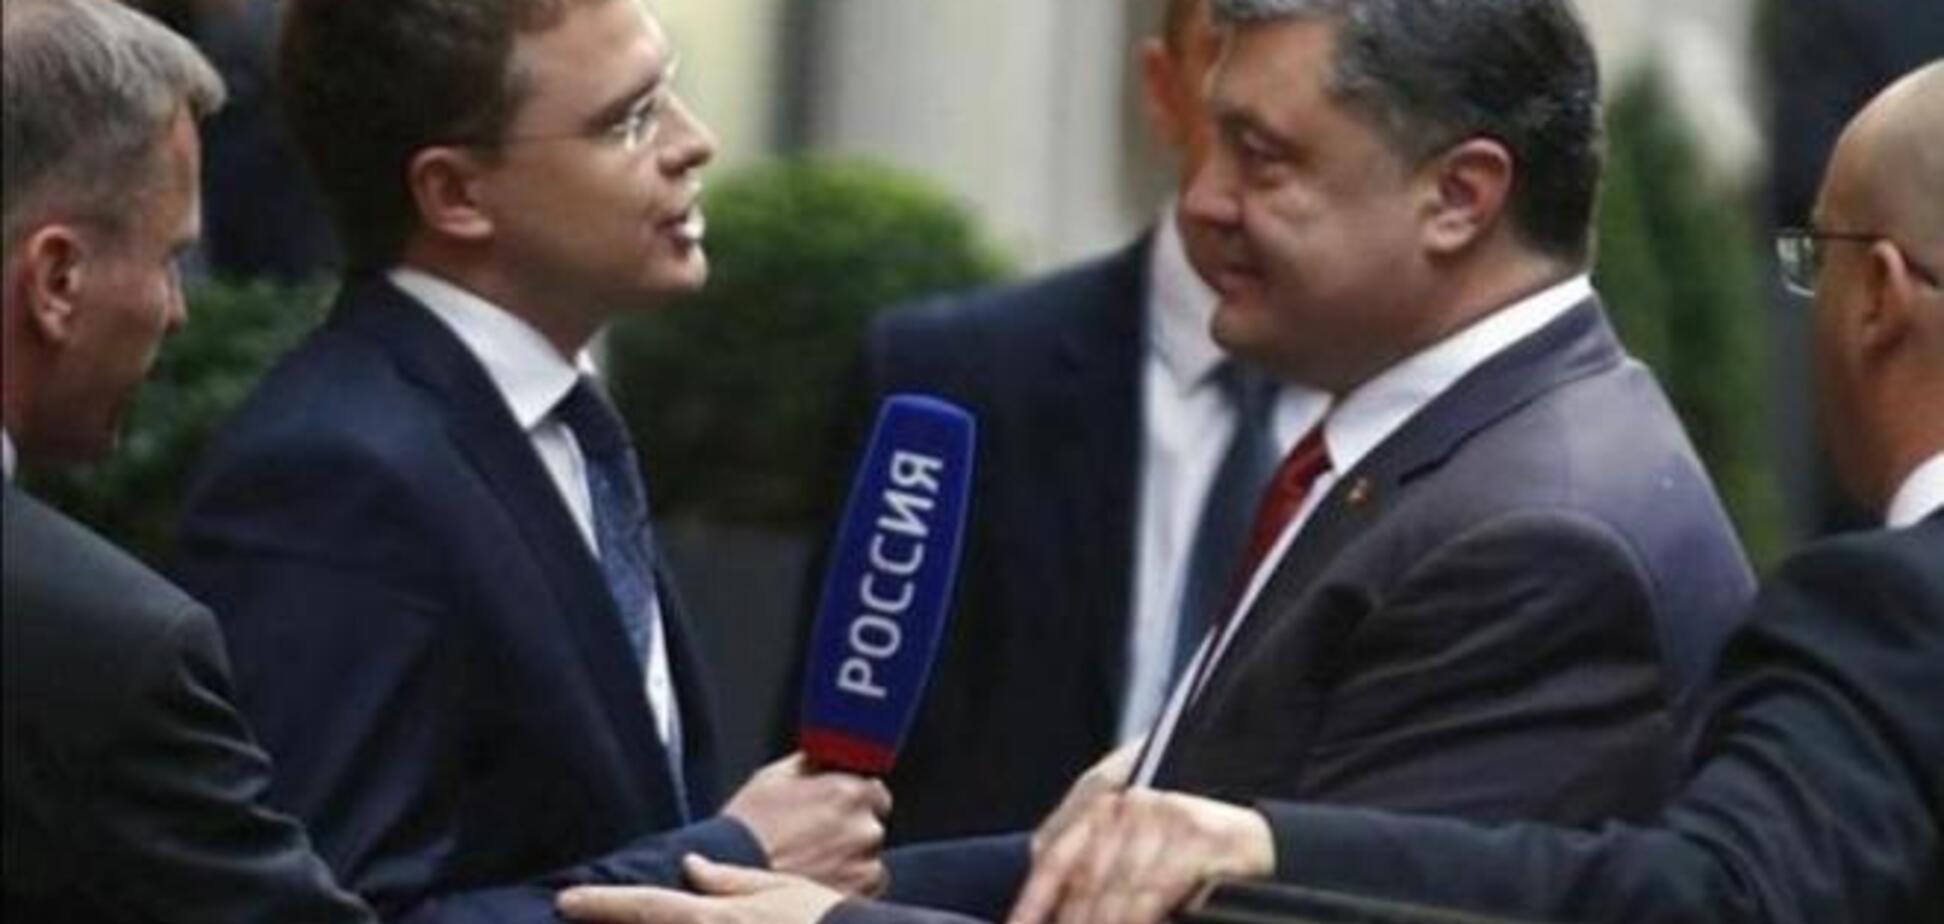 Представителям российских СМИ понадобился переводчик с украинского во время выступления Порошенко